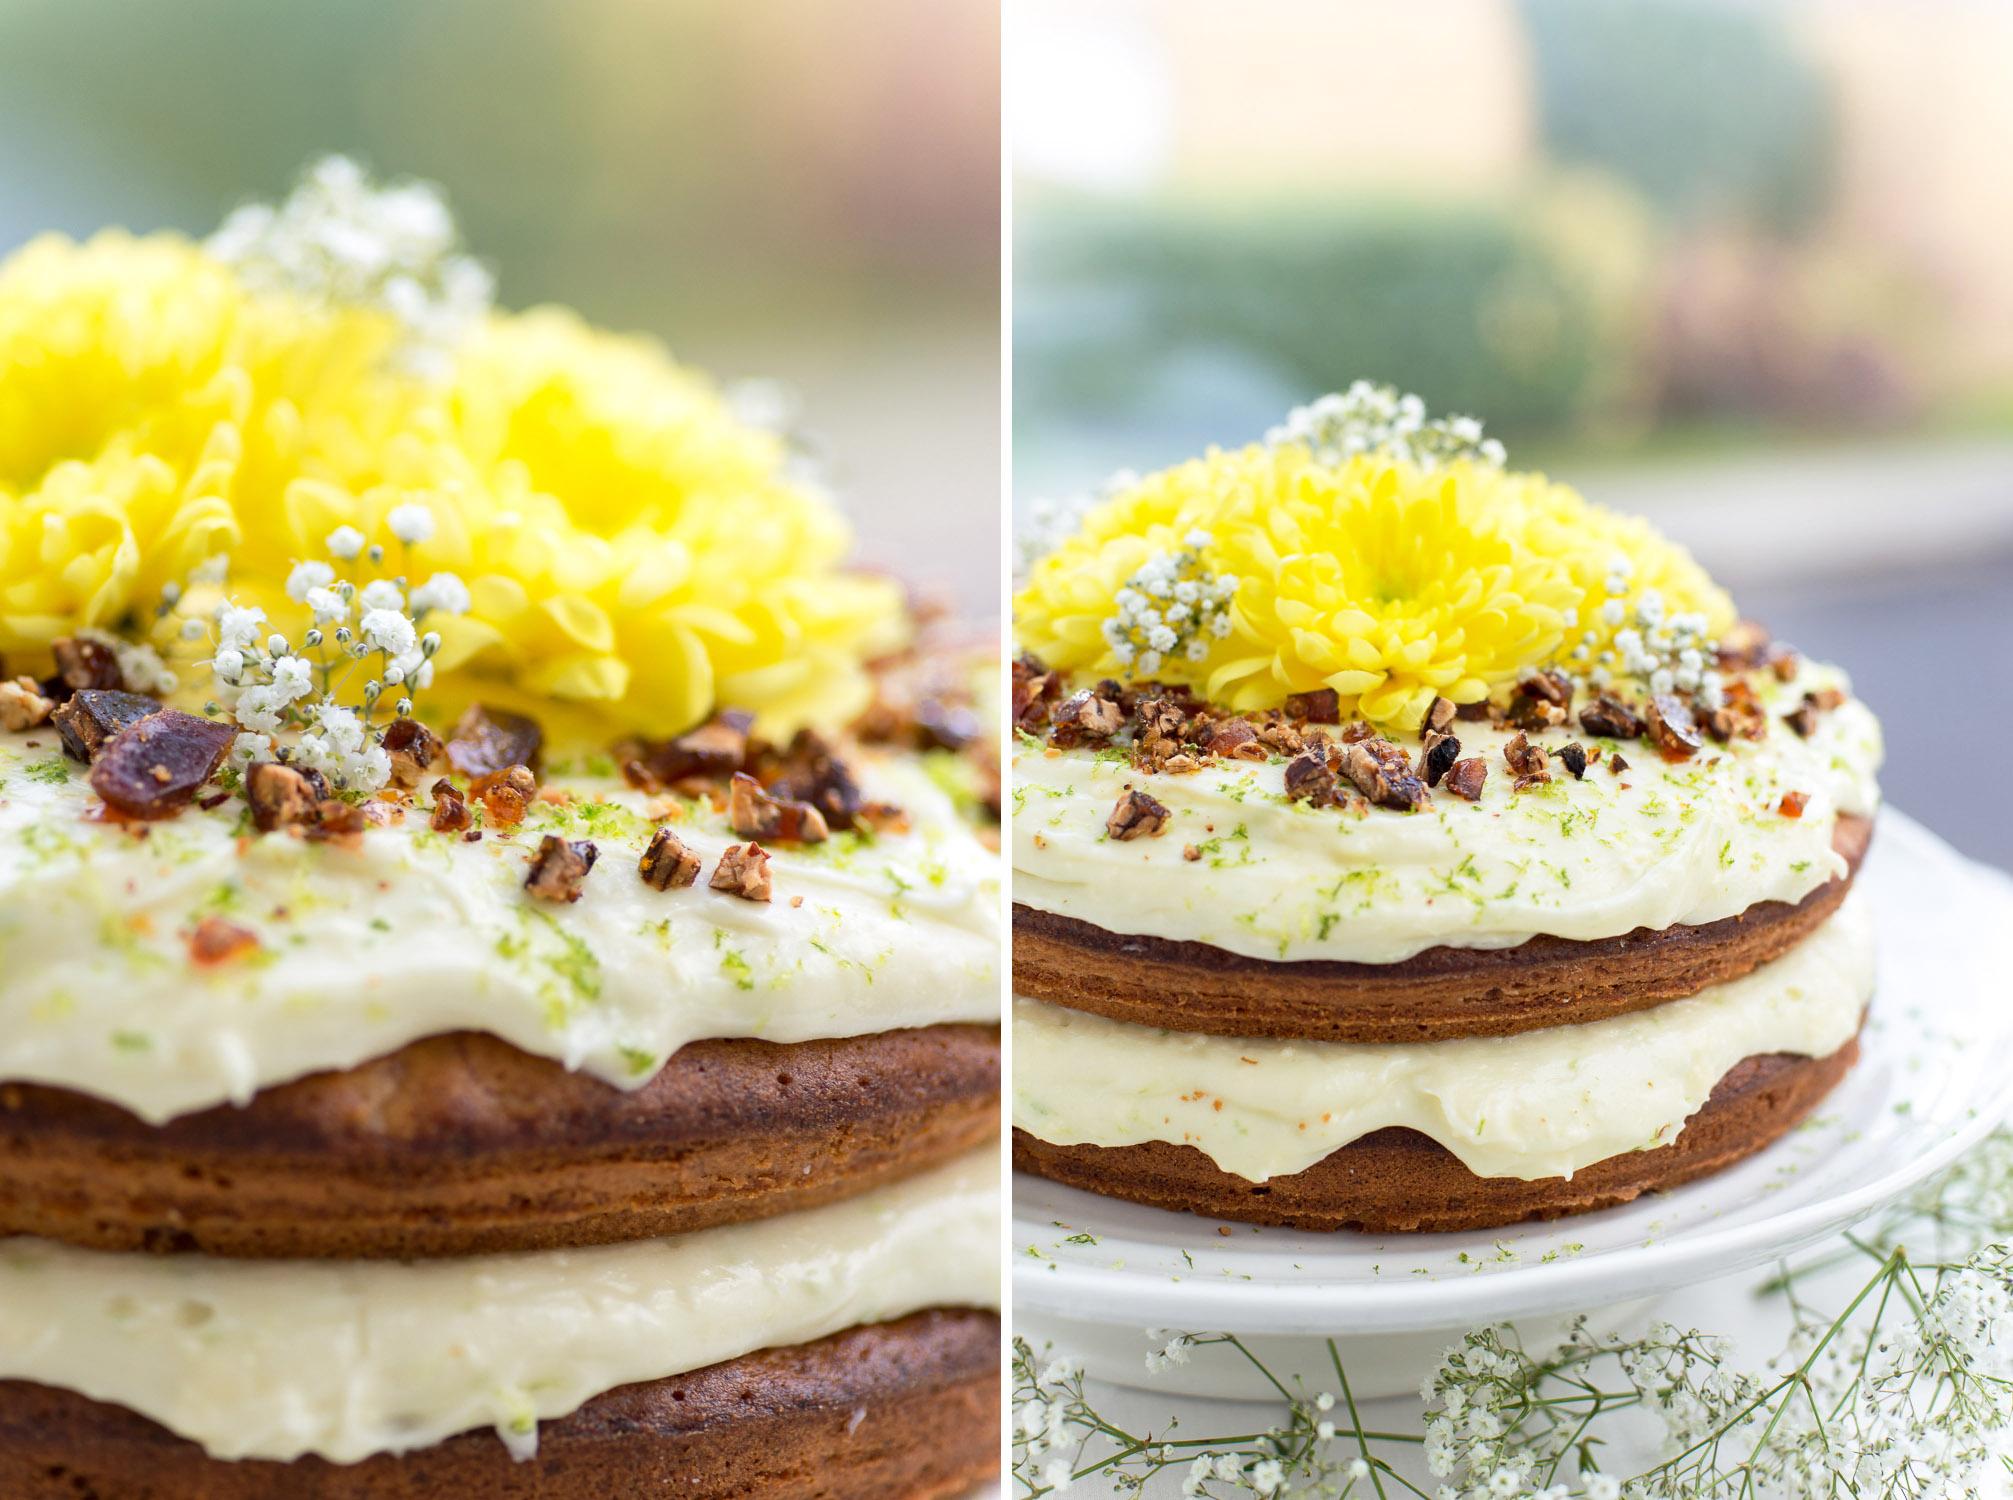 Jamie Oliver Lemon Birthday Cake Image Inspiration of Cake and